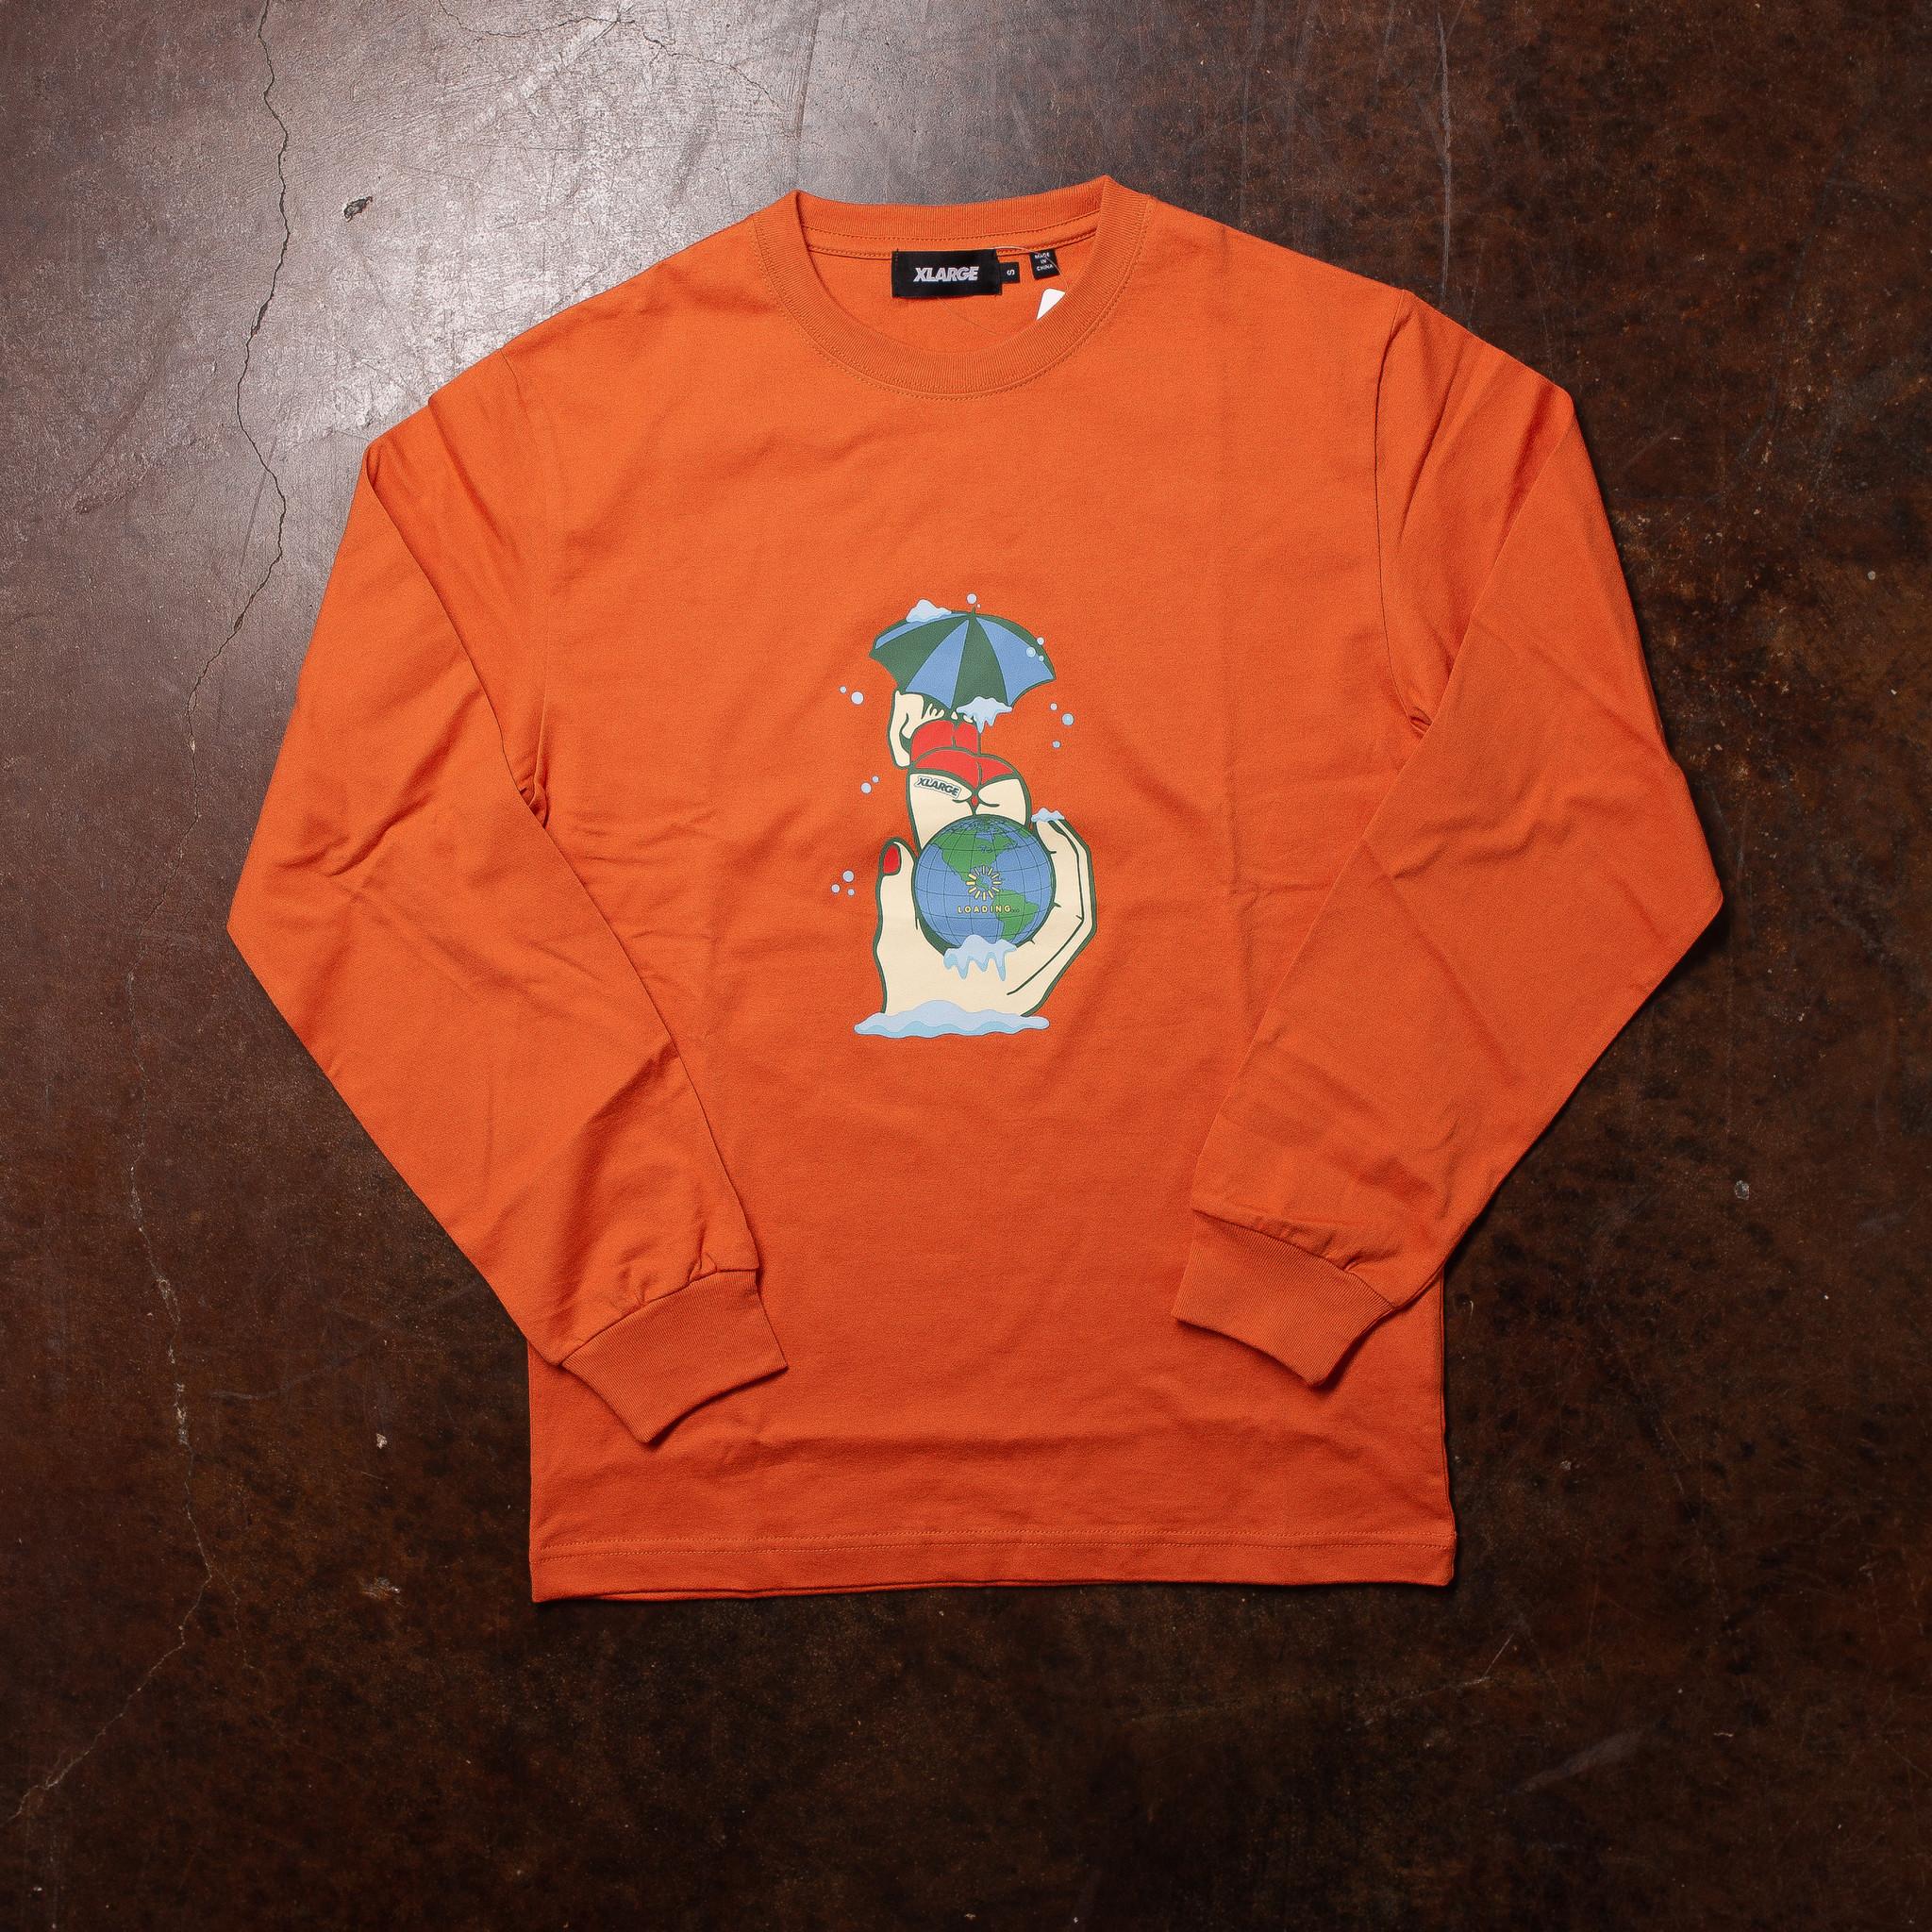 XLarge Loading Long-Sleeve Rust Orange